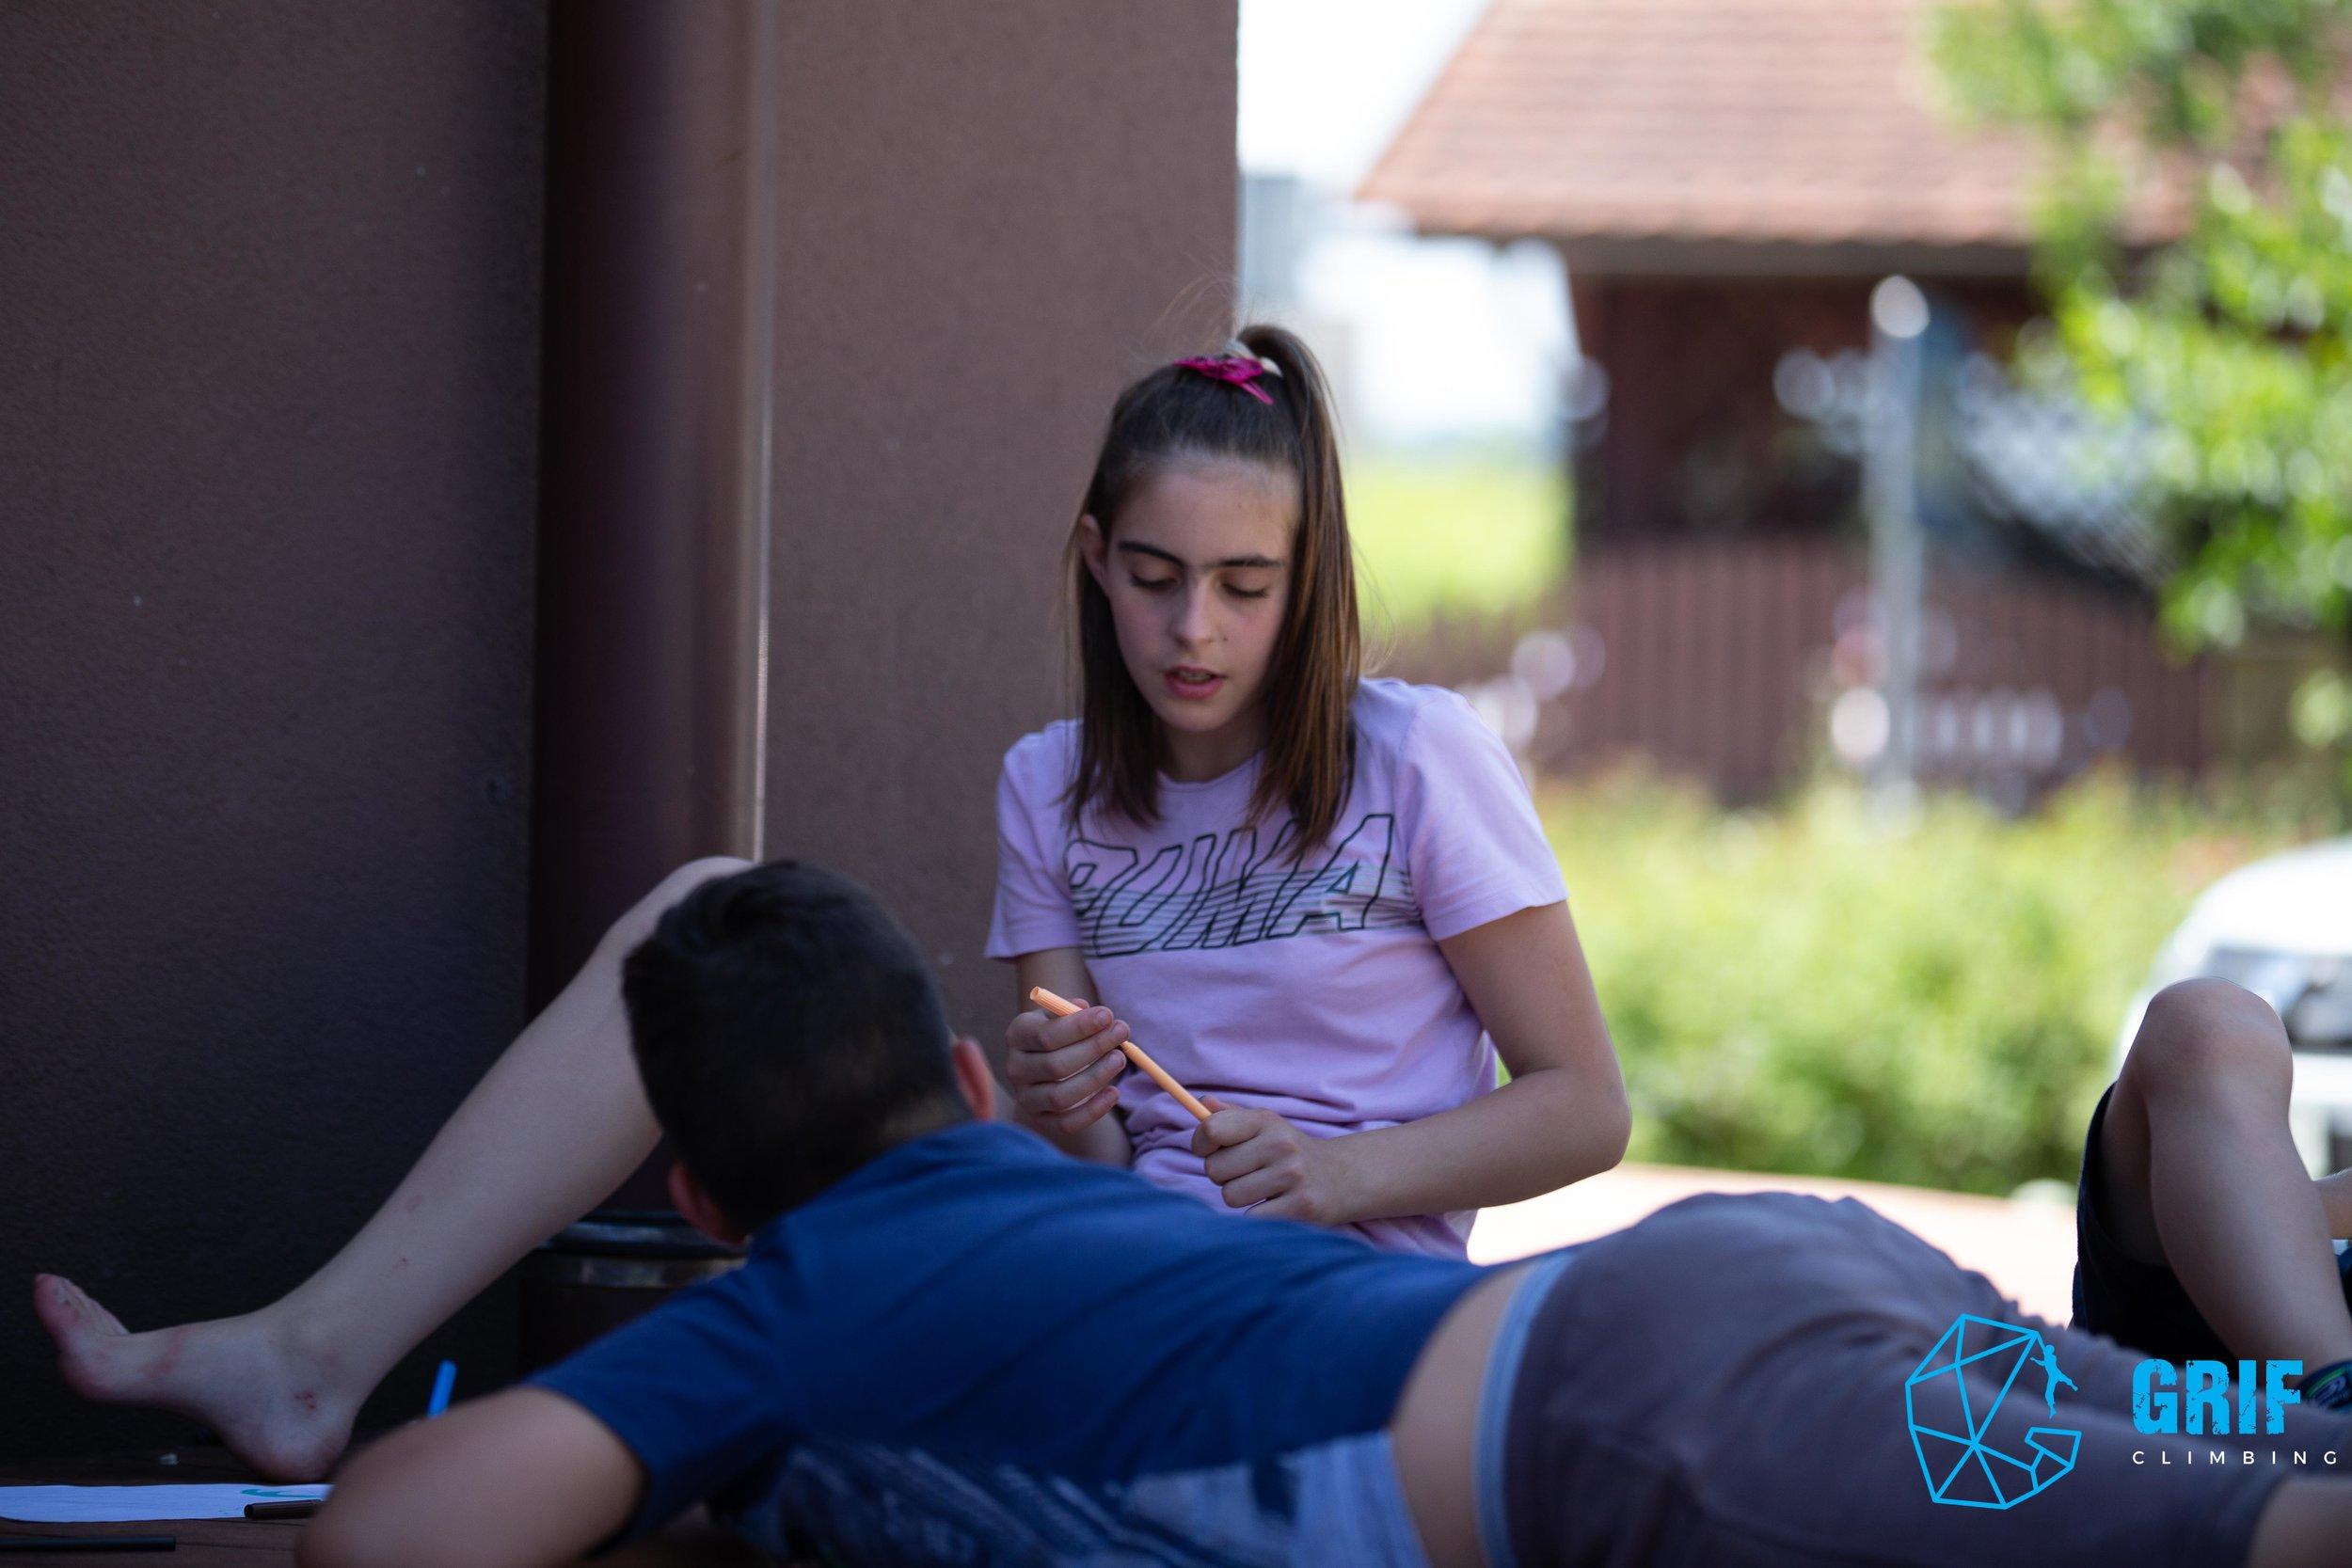 Aktivno počitniško varstvo za otroke Plezalno društvo Grif43.jpg